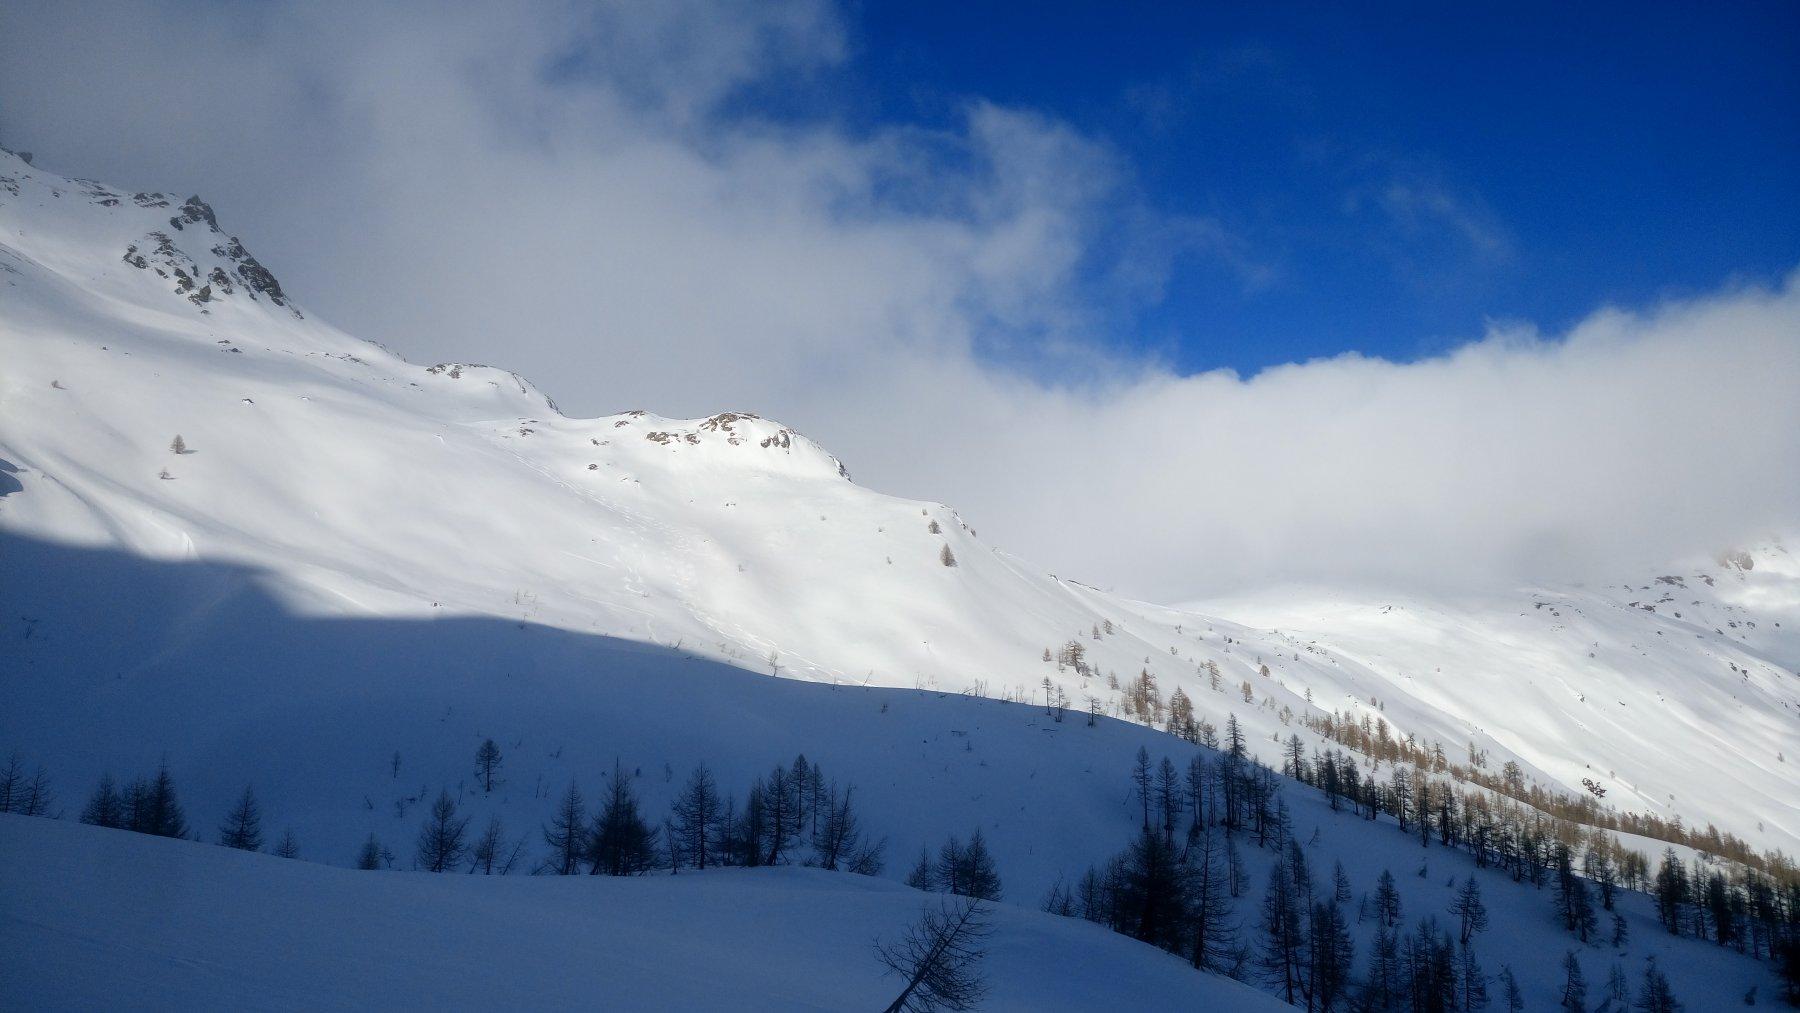 Il pendio sciato visto dal lato opposto (verso cascata)